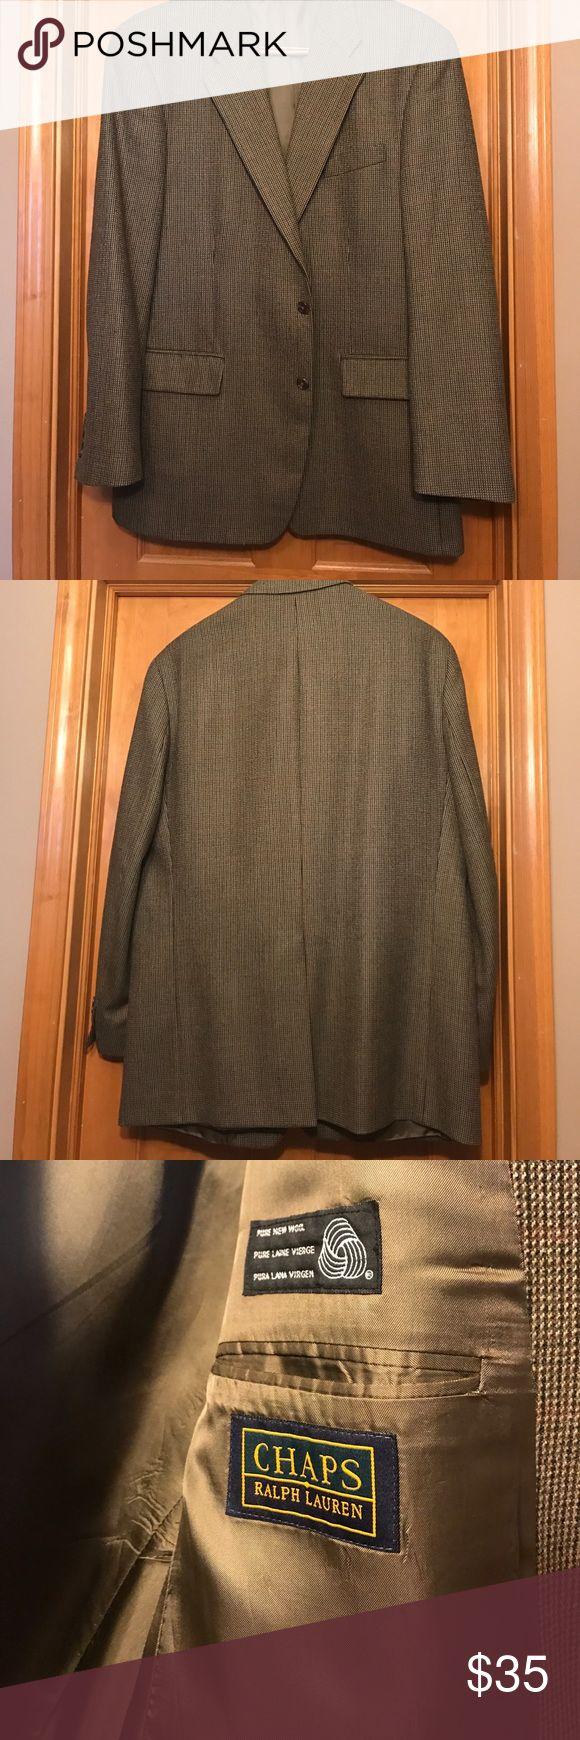 Ralph Lauren  Blazer 46L multi Brown Tweed used Ralph Lauren Chaps 46L blazer, multi brown tweed pattern 100% wool gently used Ralph Lauren Suits & Blazers Sport Coats & Blazers